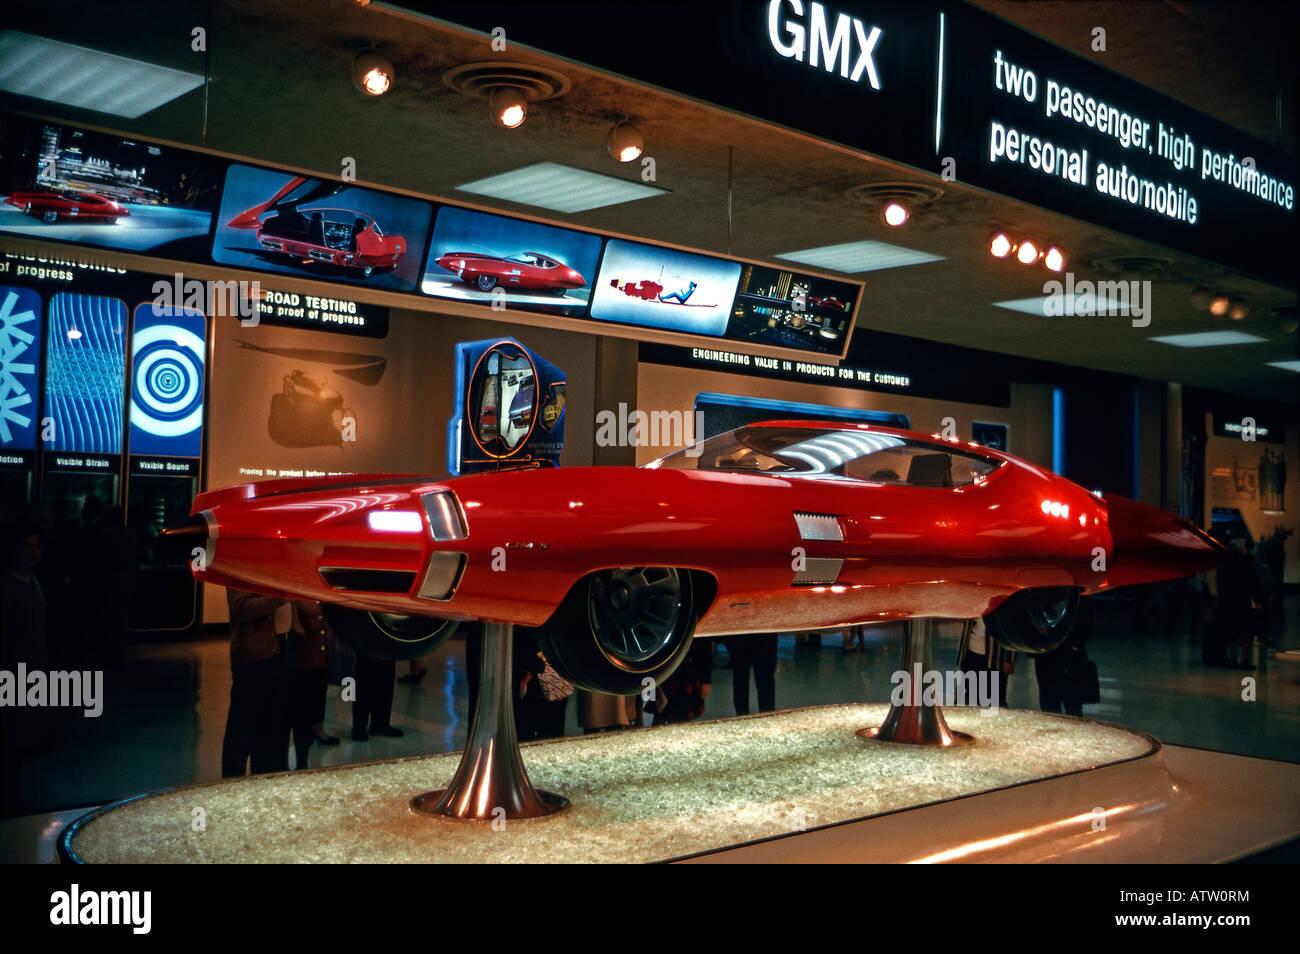 General Motors GM-X Stiletto Konzeptauto, New Yorker Weltausstellung 1964-5 Stockbild